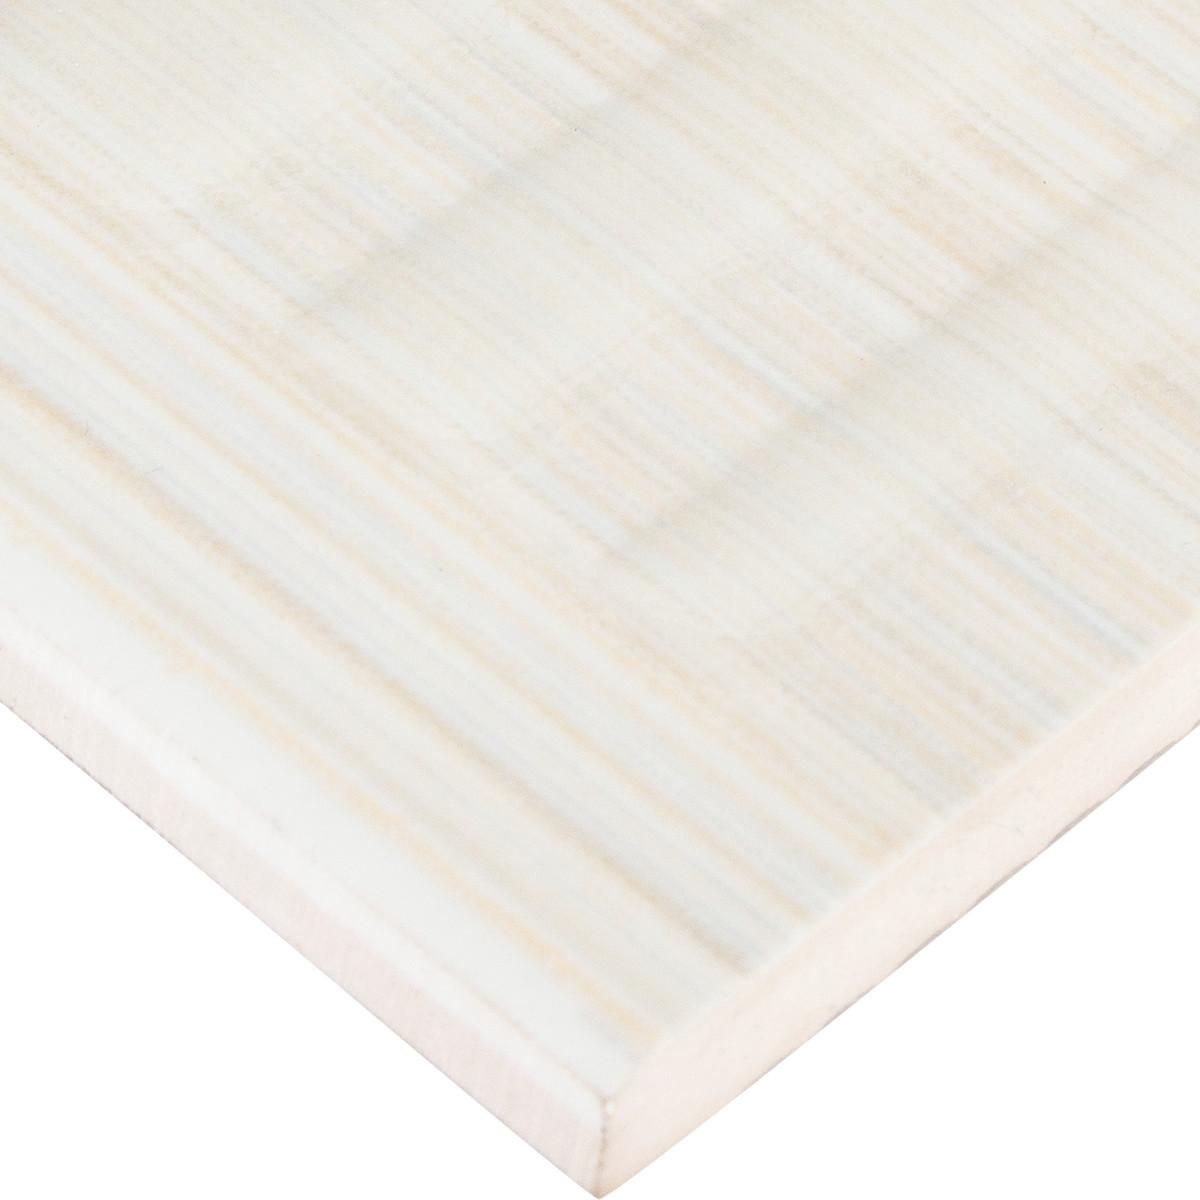 Бордюр Golden Tile Вельвет 25x60 см цвет бежевый